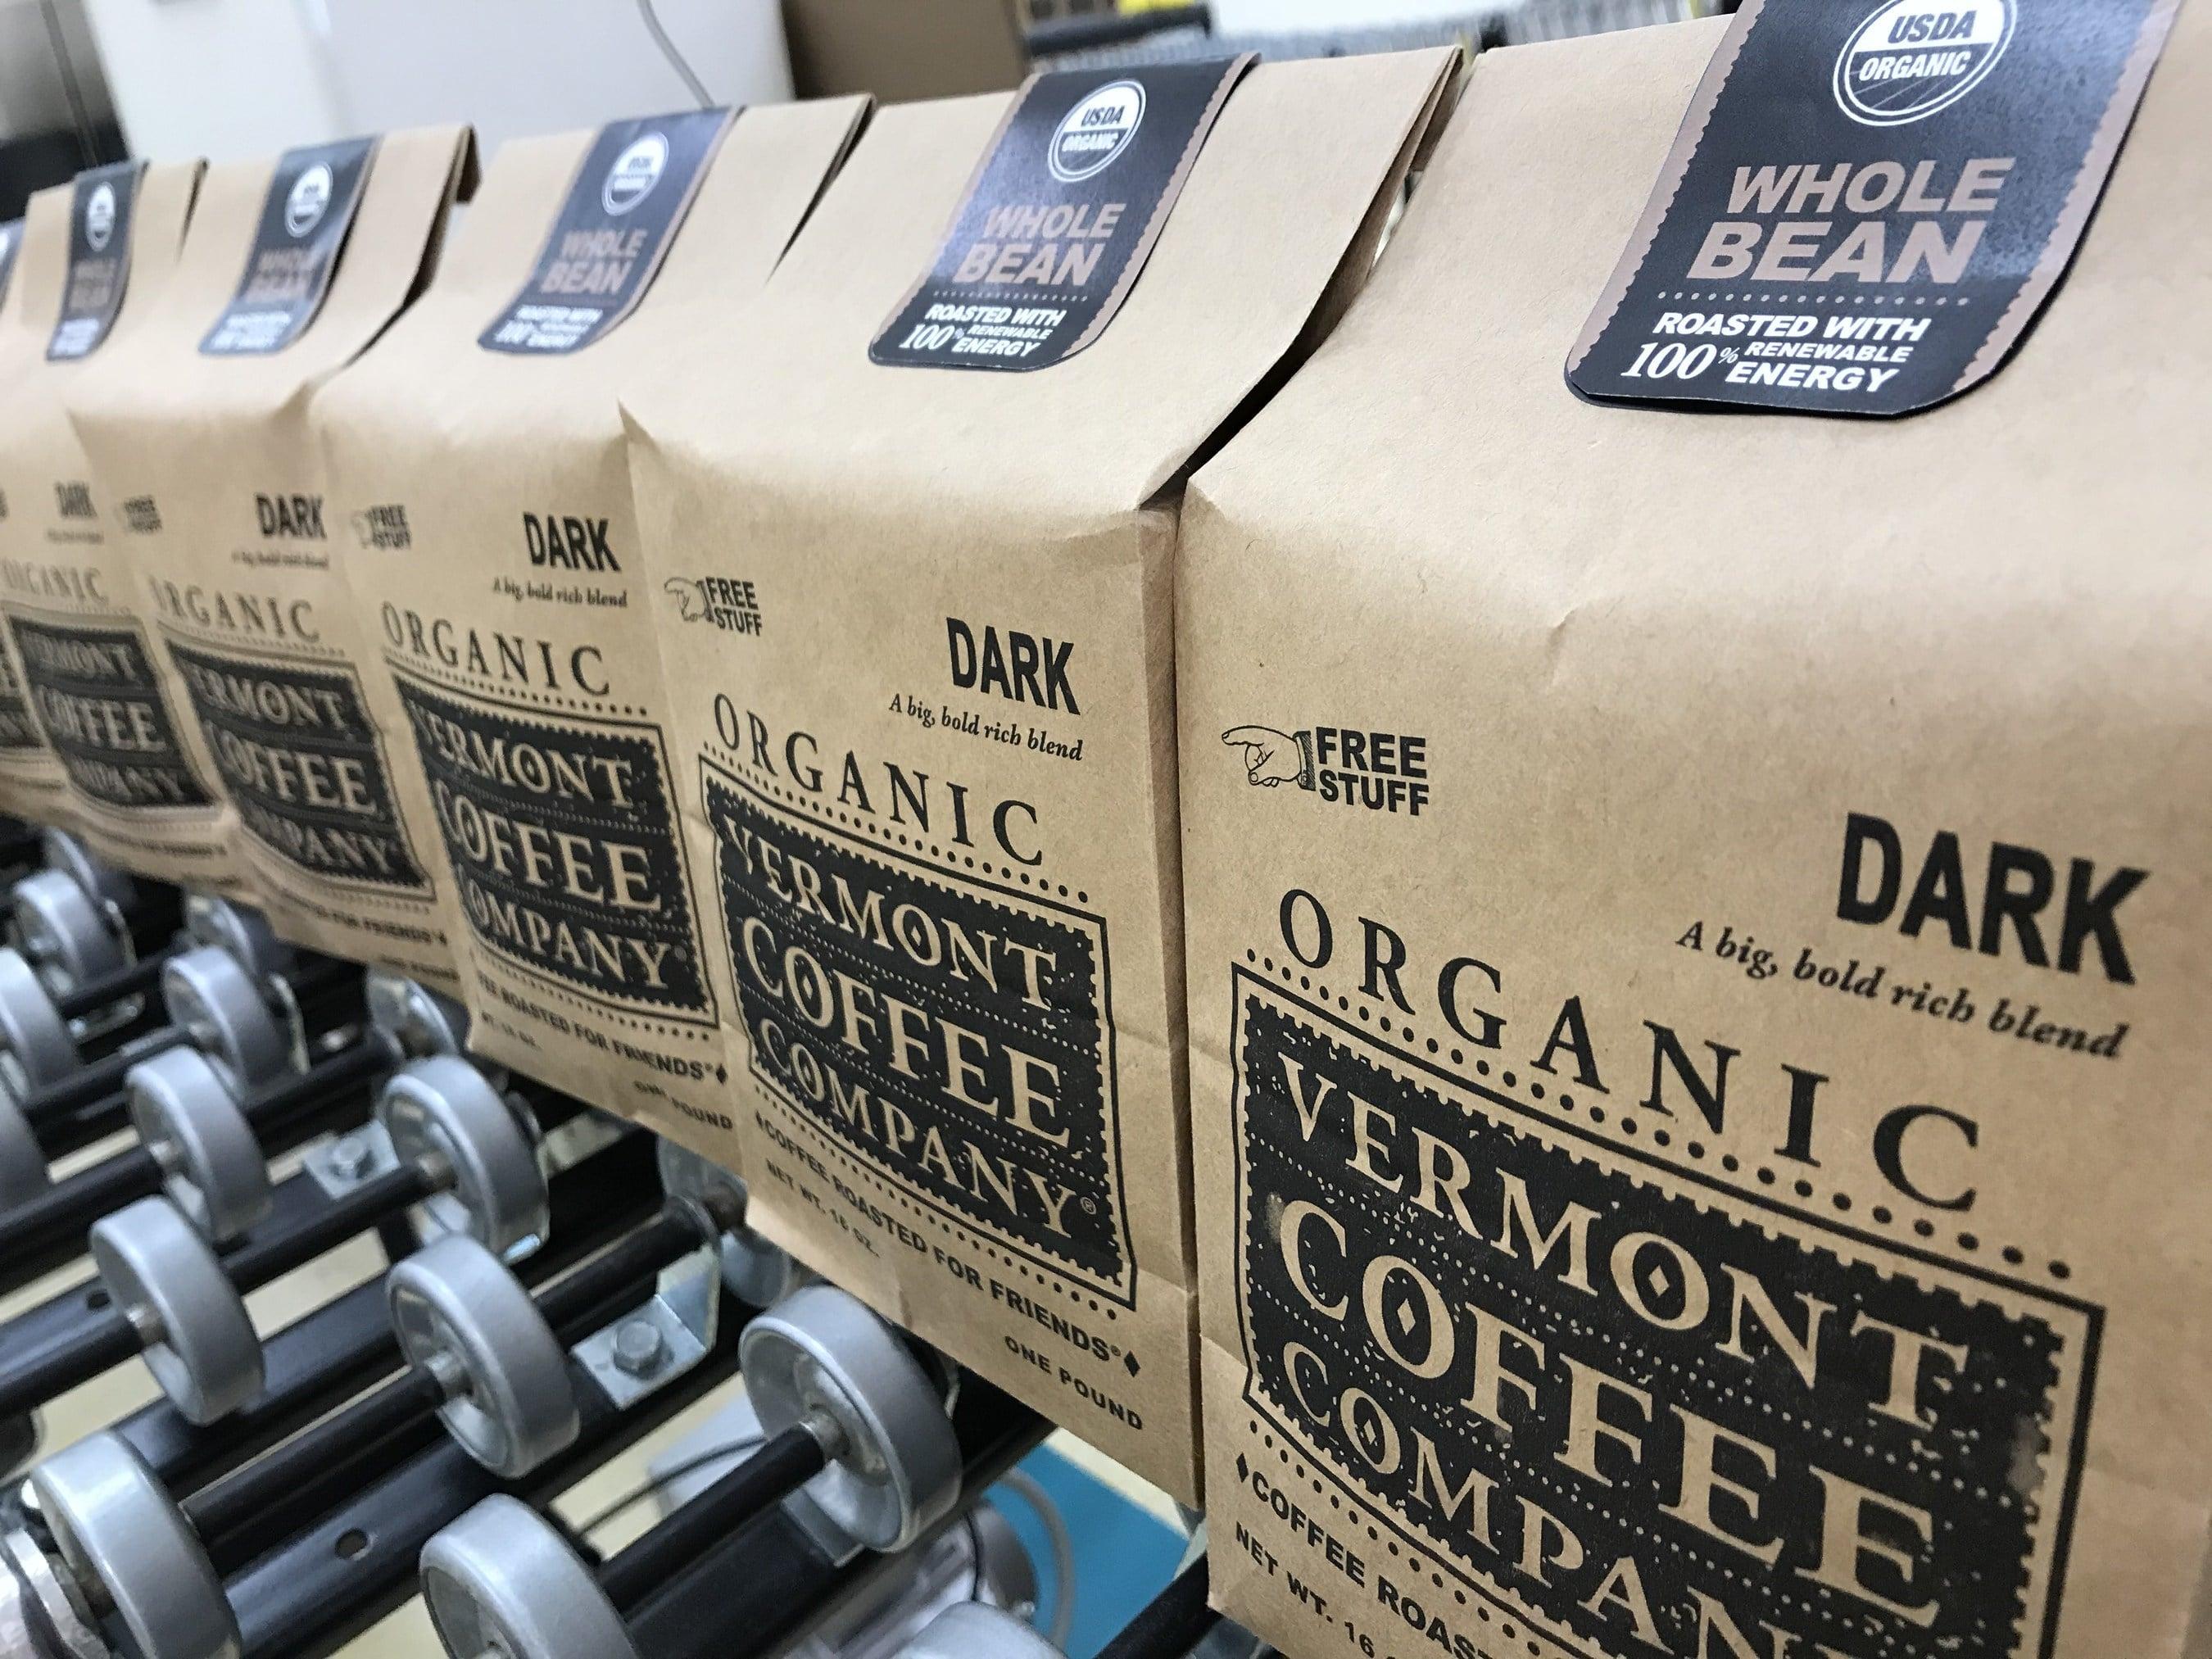 Vermont Coffee Company Announces Renewable Roastery